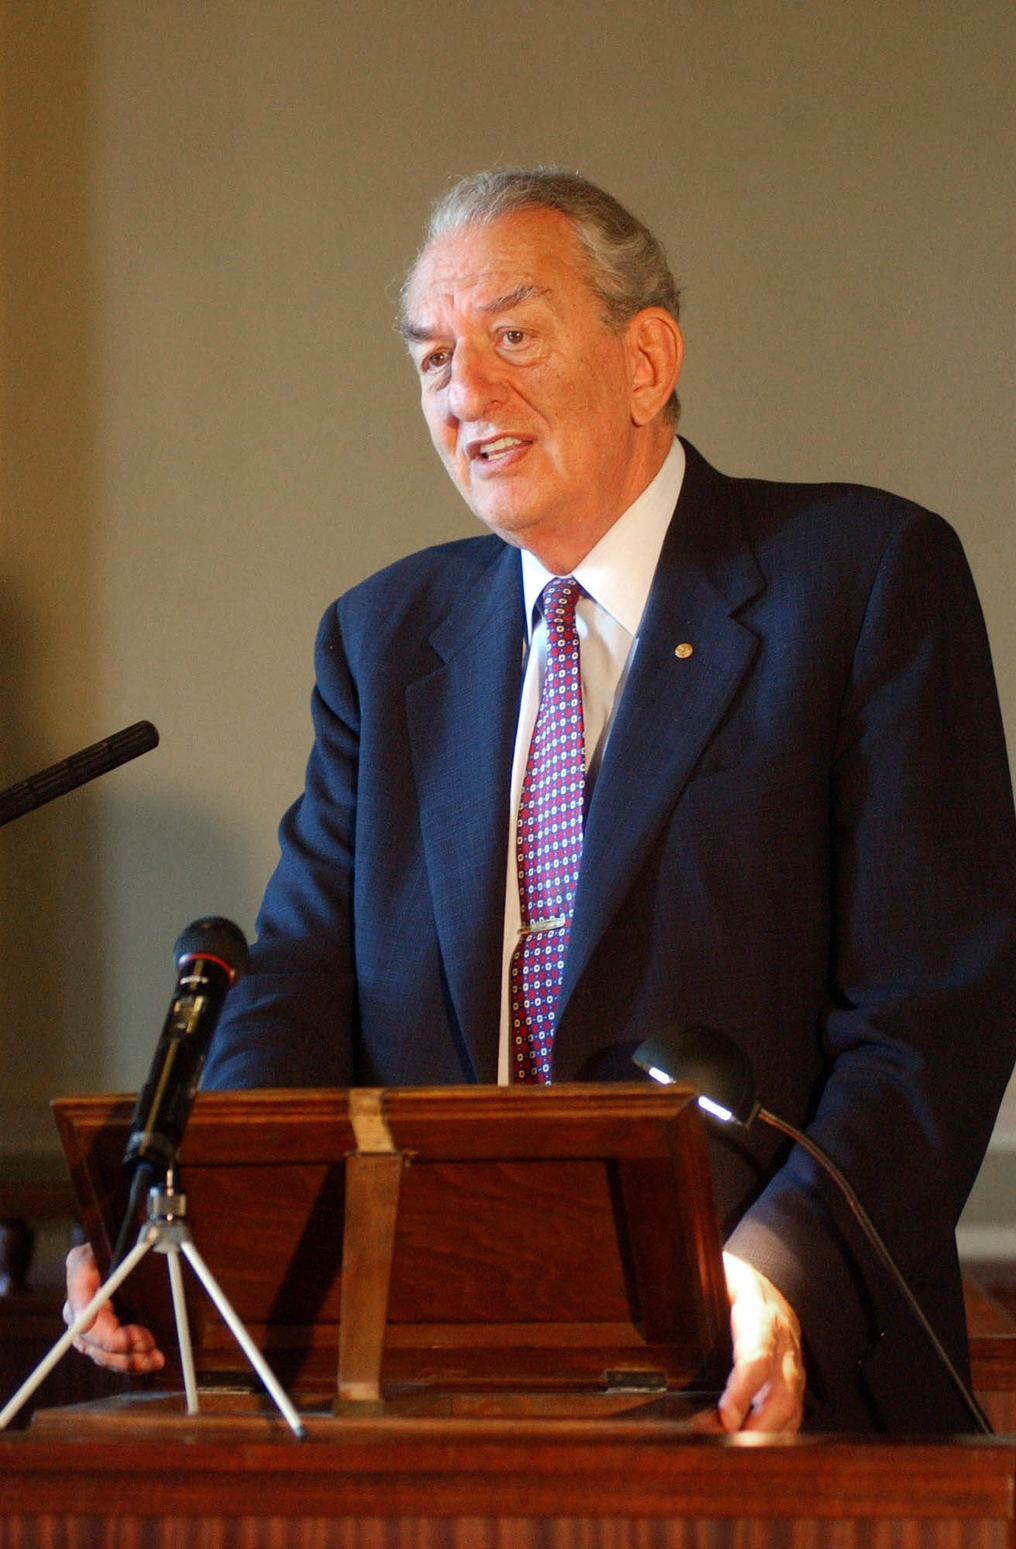 Oláh György (George A. Olah) Amerikában élő Nobel-díjas kémikus. MTI Fotó: Rózsahegyi Tibor